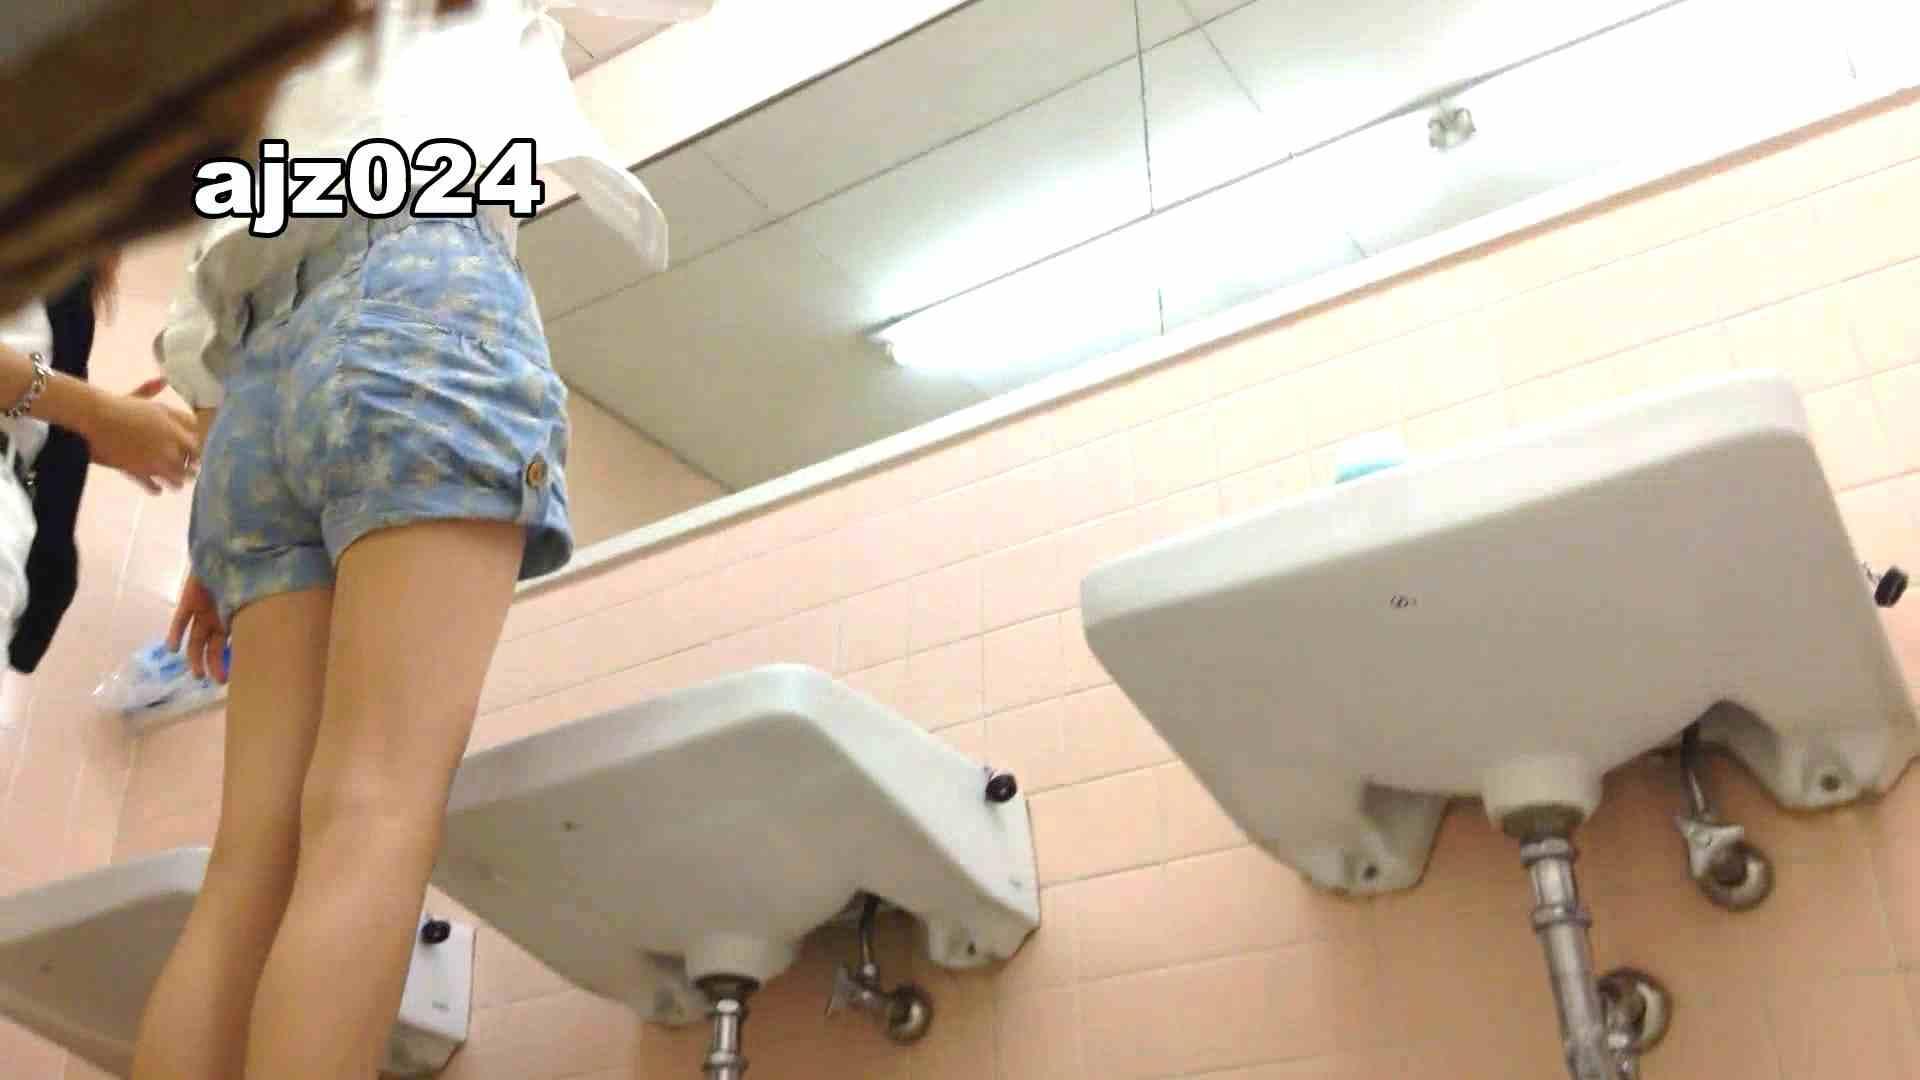 某有名大学女性洗面所 vol.24 洗面所  66連発 66